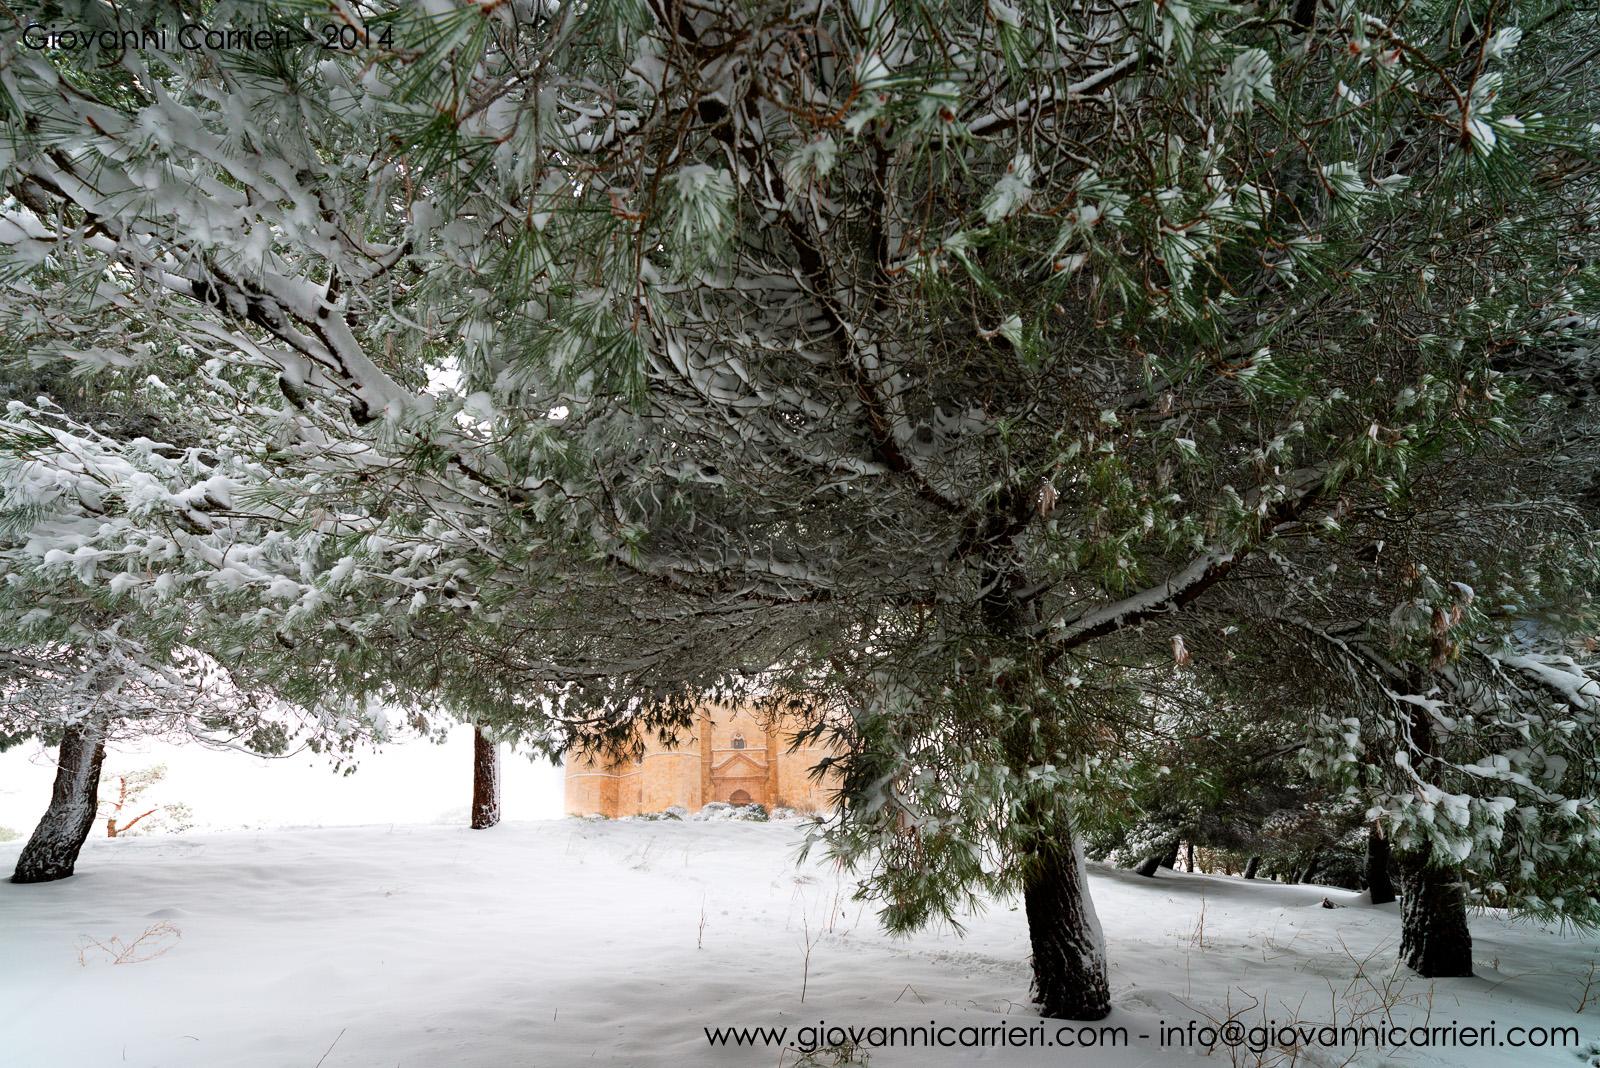 Il castello di Federico II tra alberi e neve - Castel del Monte